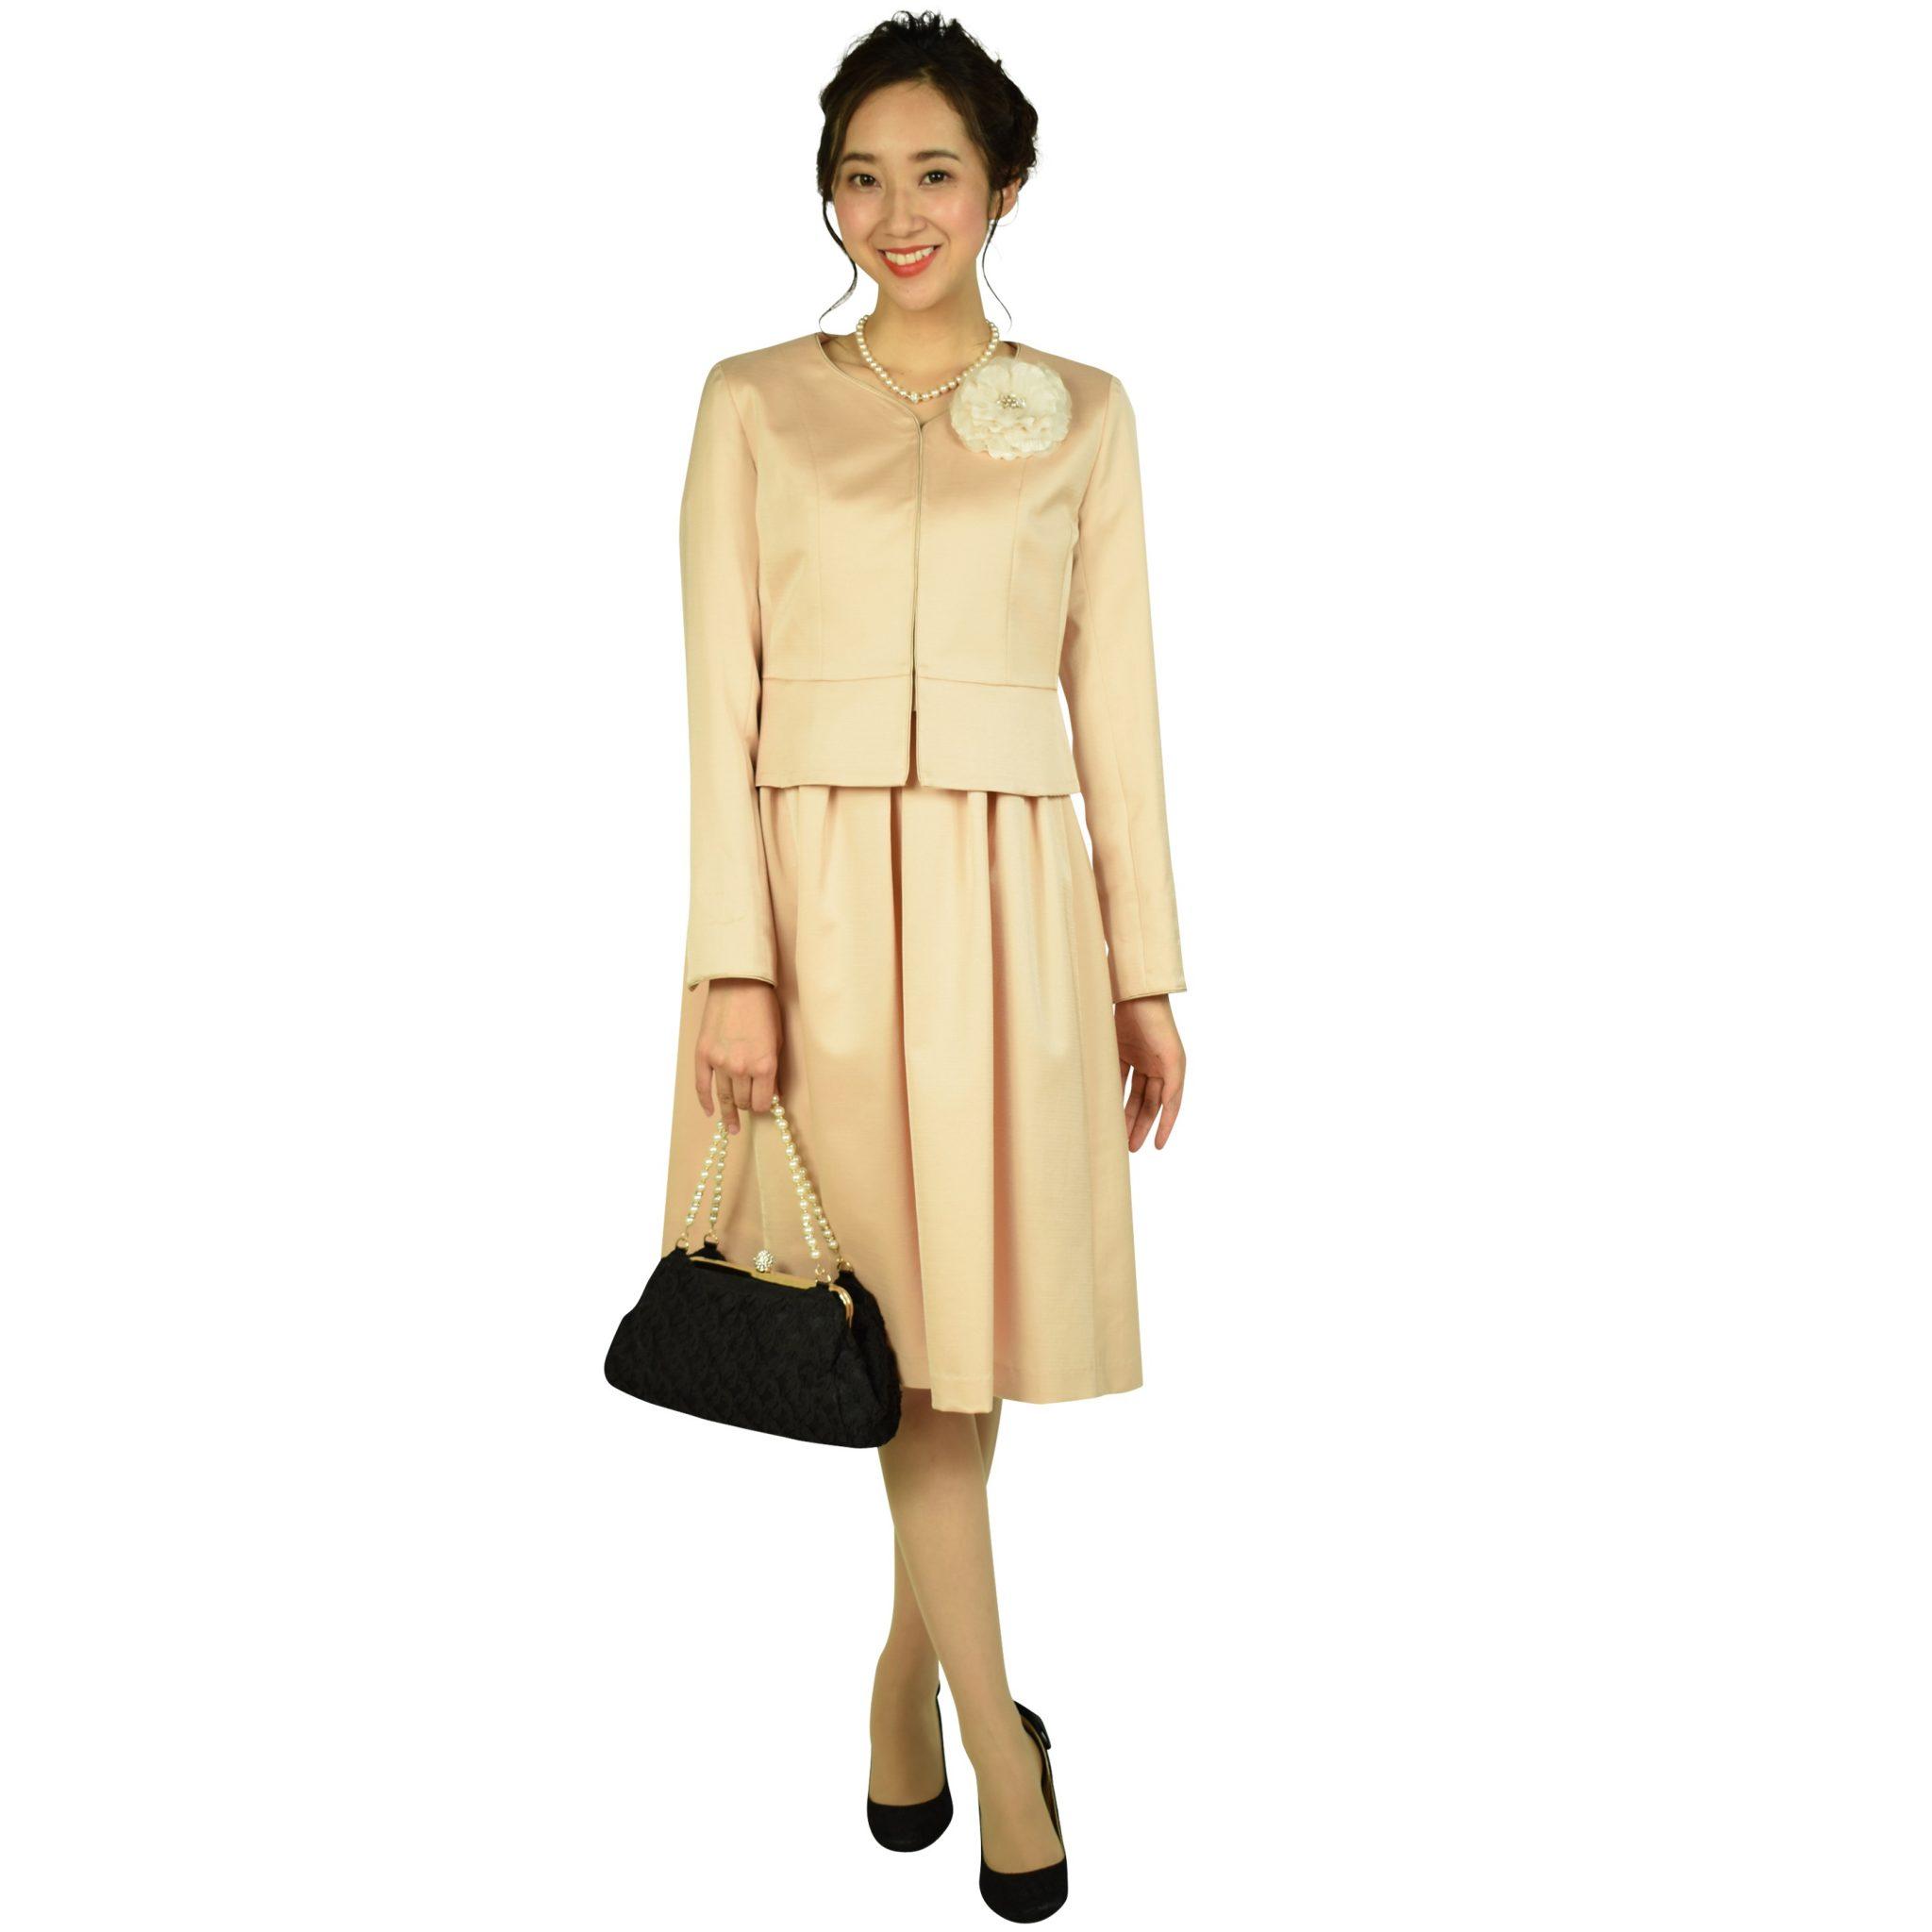 ディア プリンセス グログランピンクワンピーススーツセット